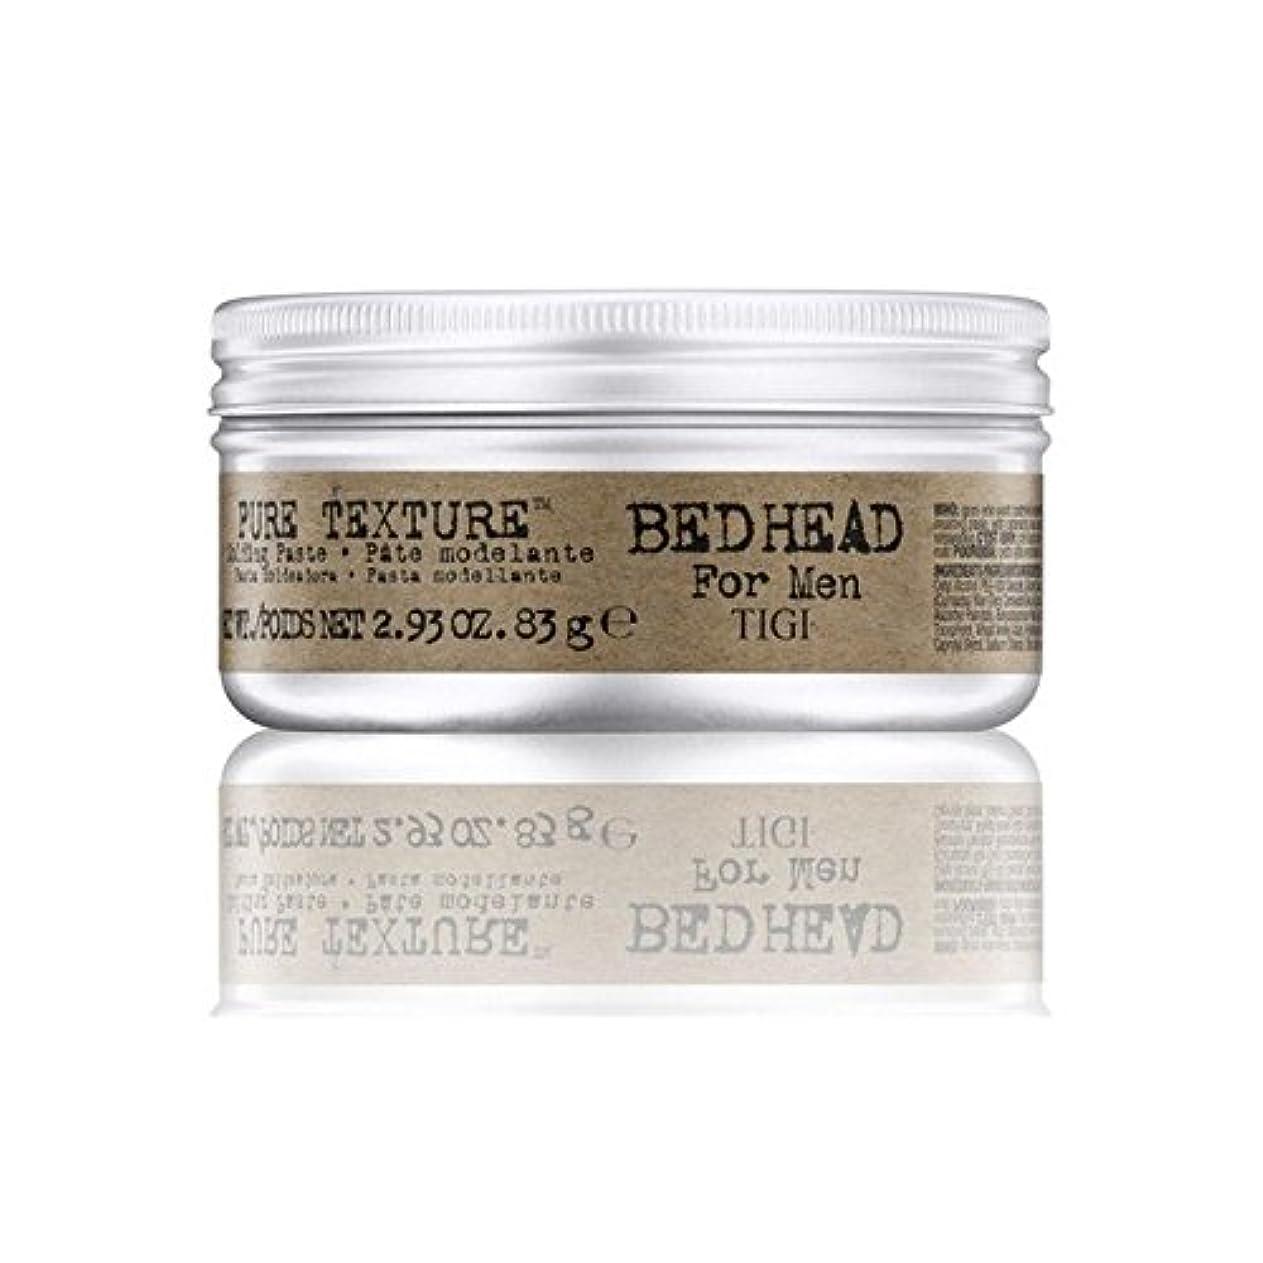 安西無しの前でTigi Bed Head For Men Pure Texture Molding Paste (83G) - 男性の純粋なテクスチャーモールディングペースト(83グラム)のためのティジーベッドヘッド [並行輸入品]